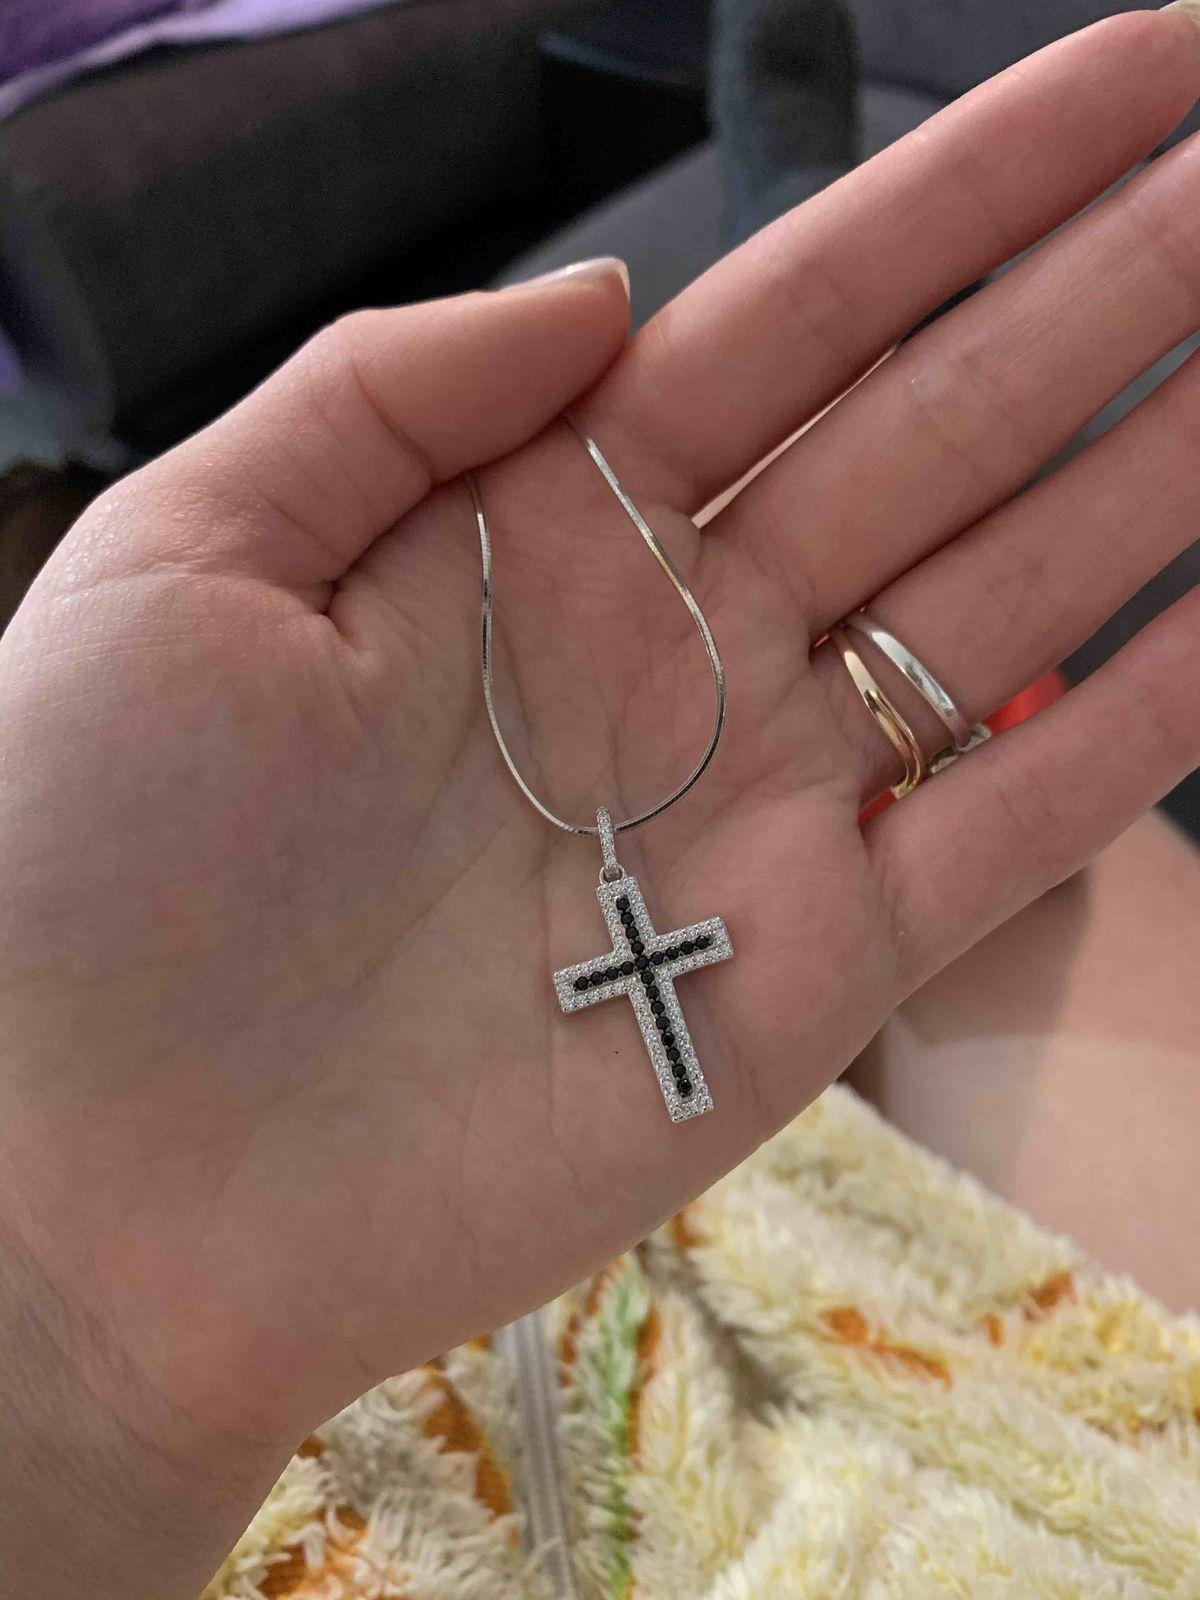 Я влюблена в этот крестик!!!